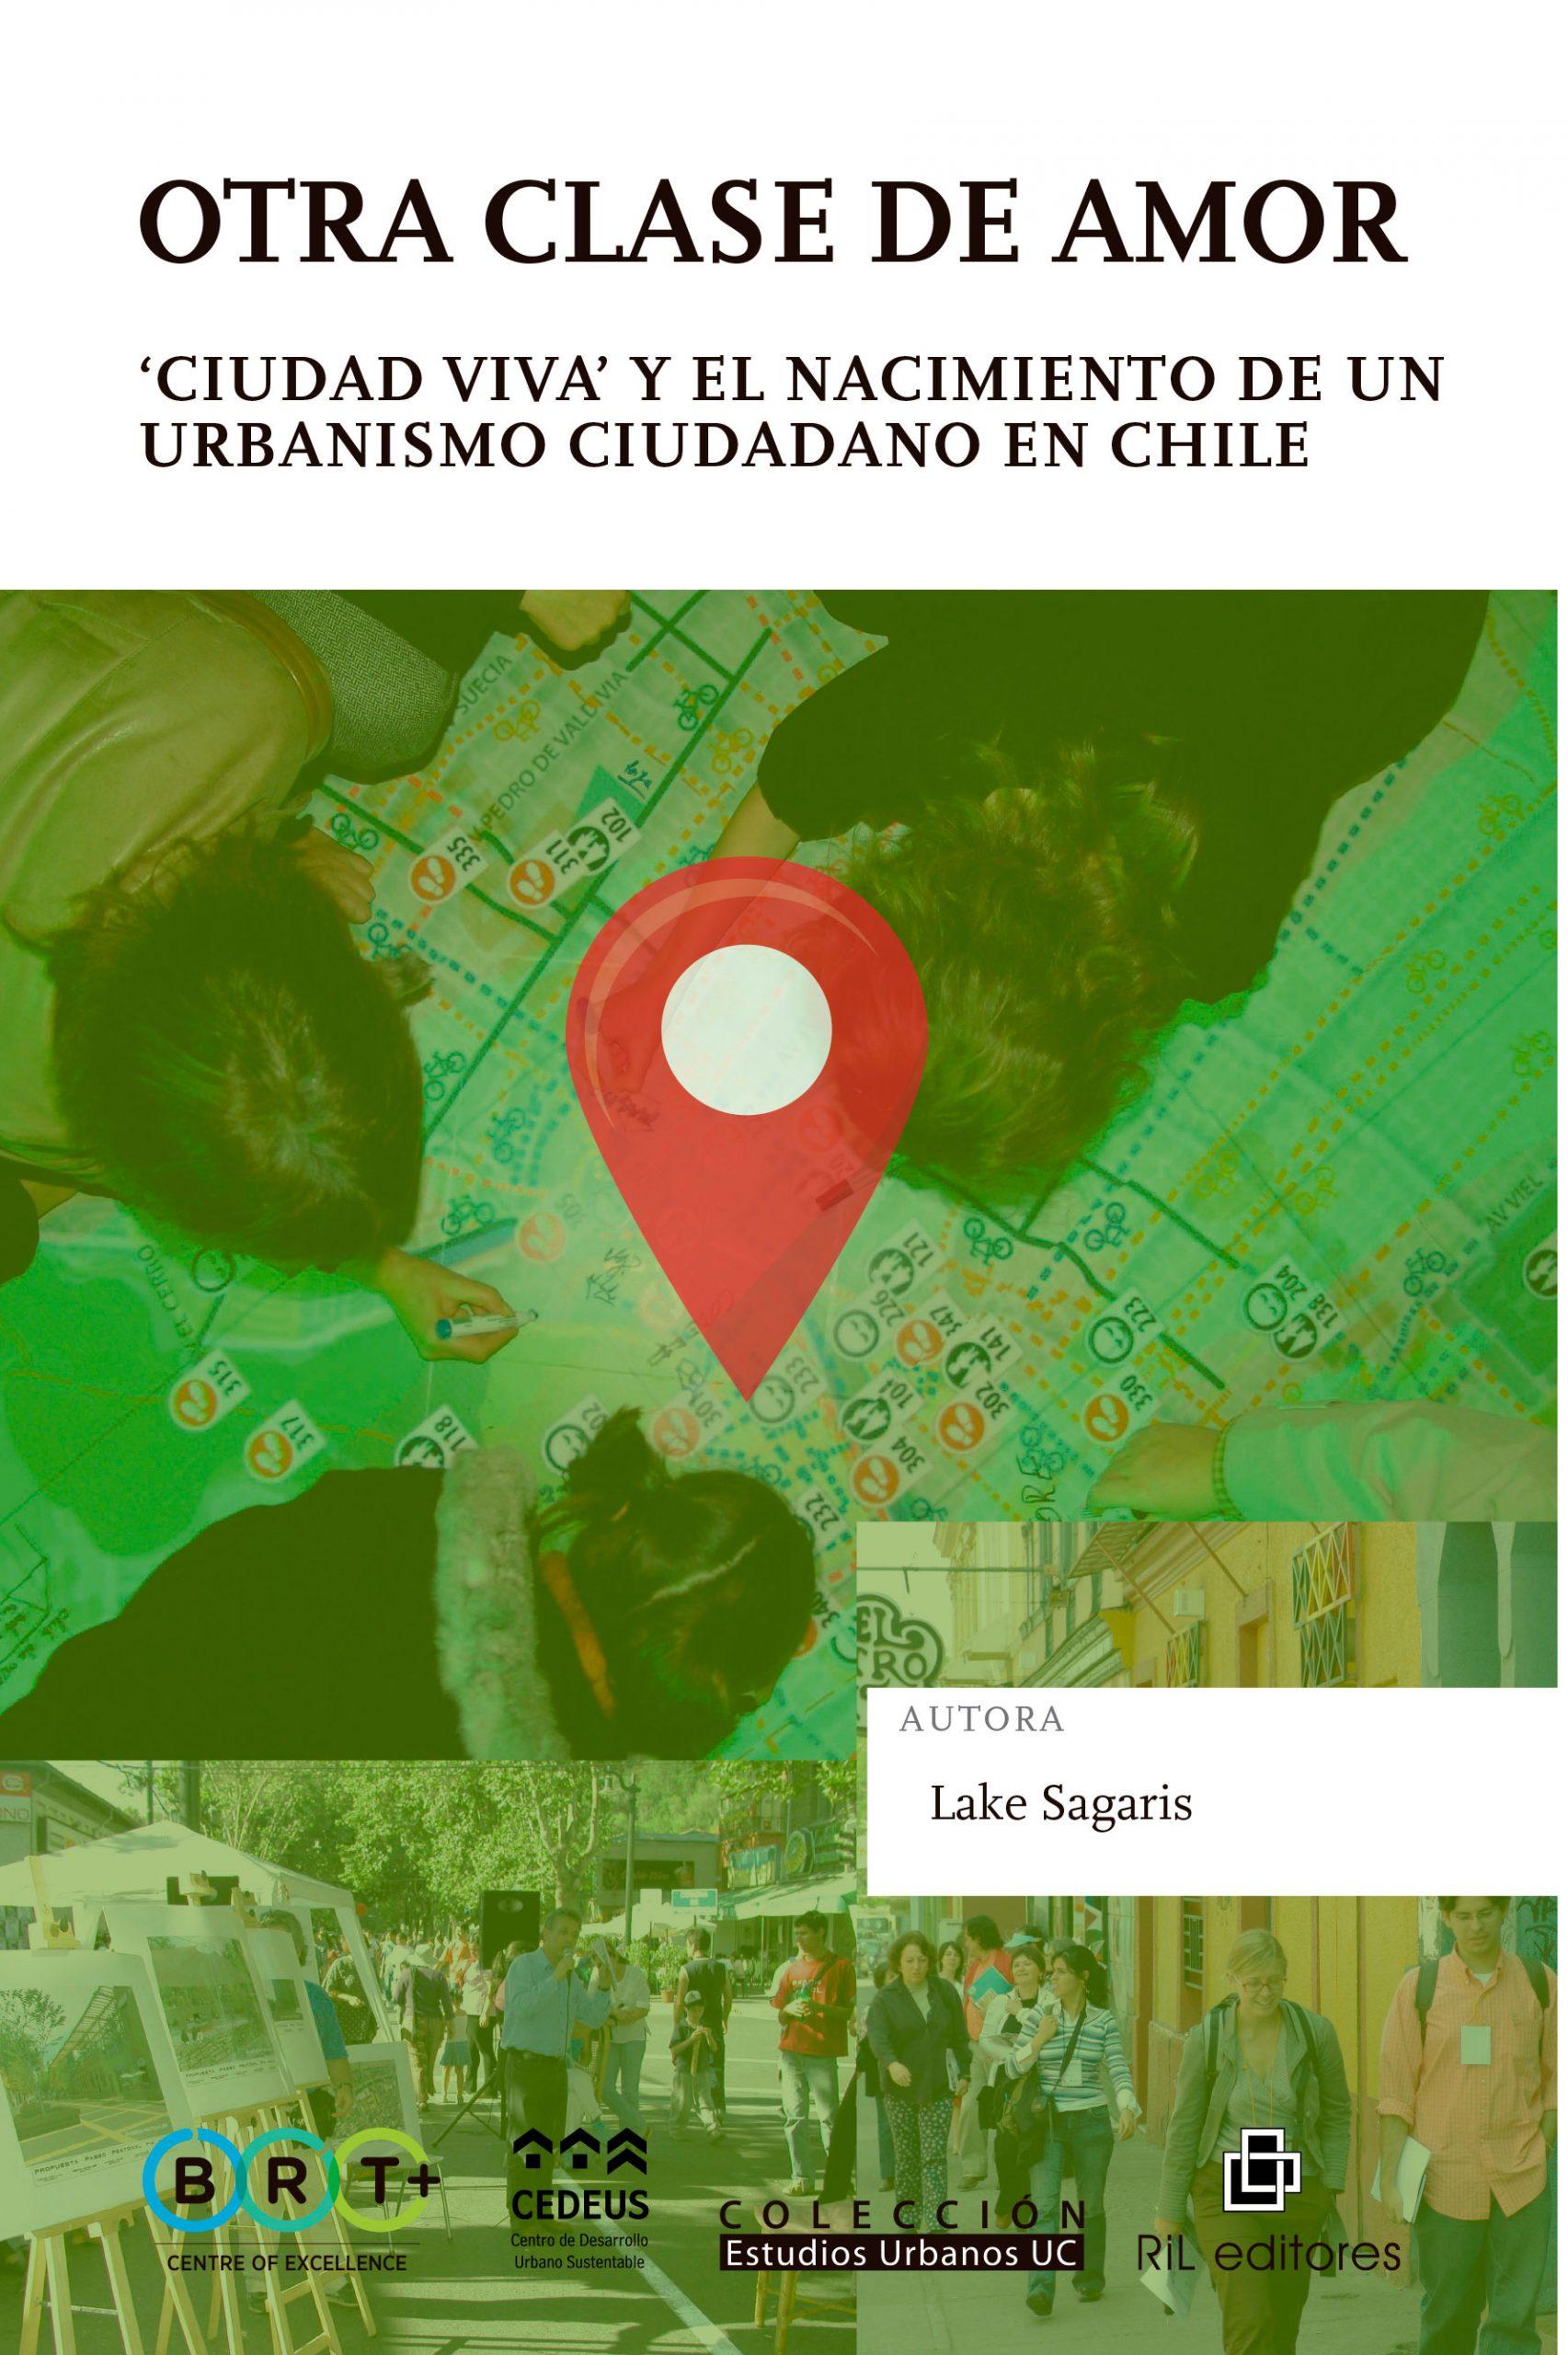 Otra clase de amor, 'Ciudad Viva' y el nacimiento de un urbanismo ciudadano en Chile